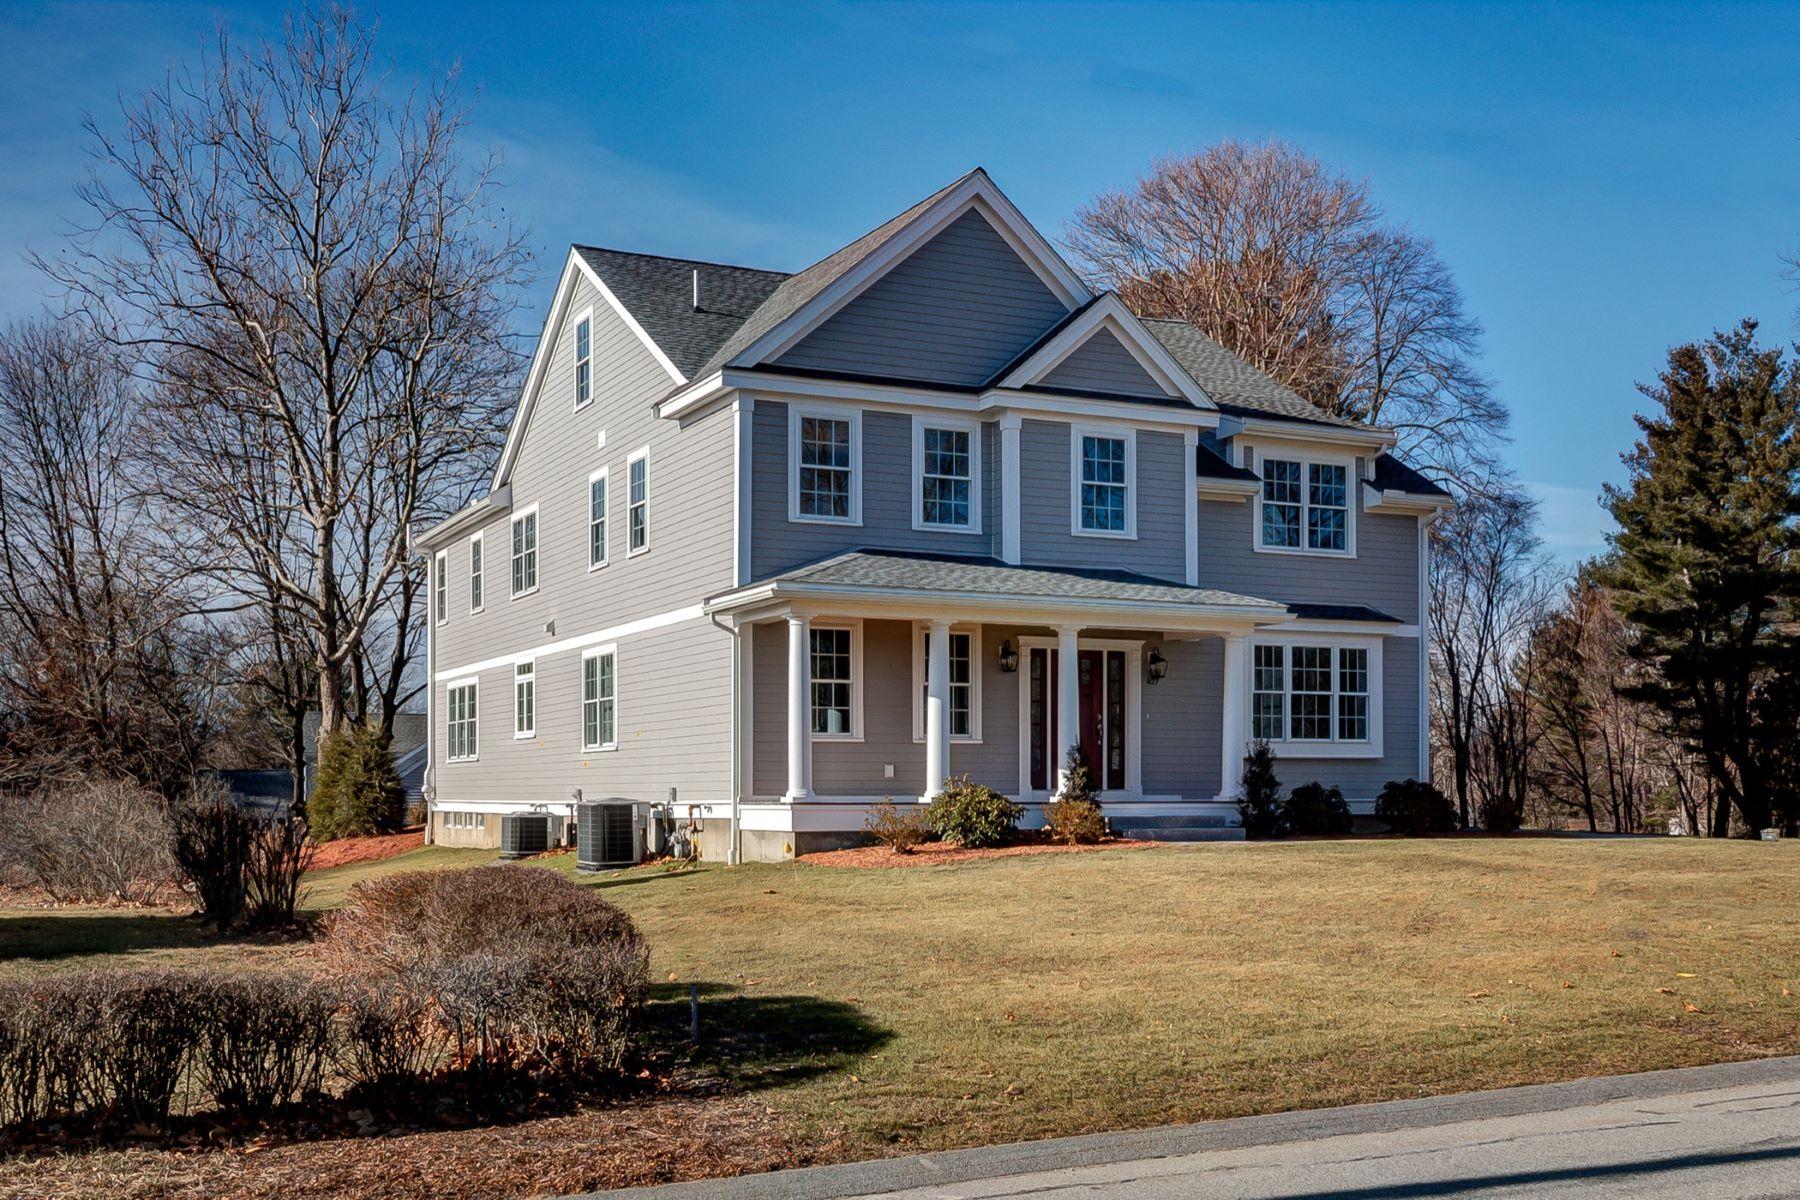 Maison unifamiliale pour l Vente à New Construction 427 Davis Road Bedford, Massachusetts 01730 États-Unis